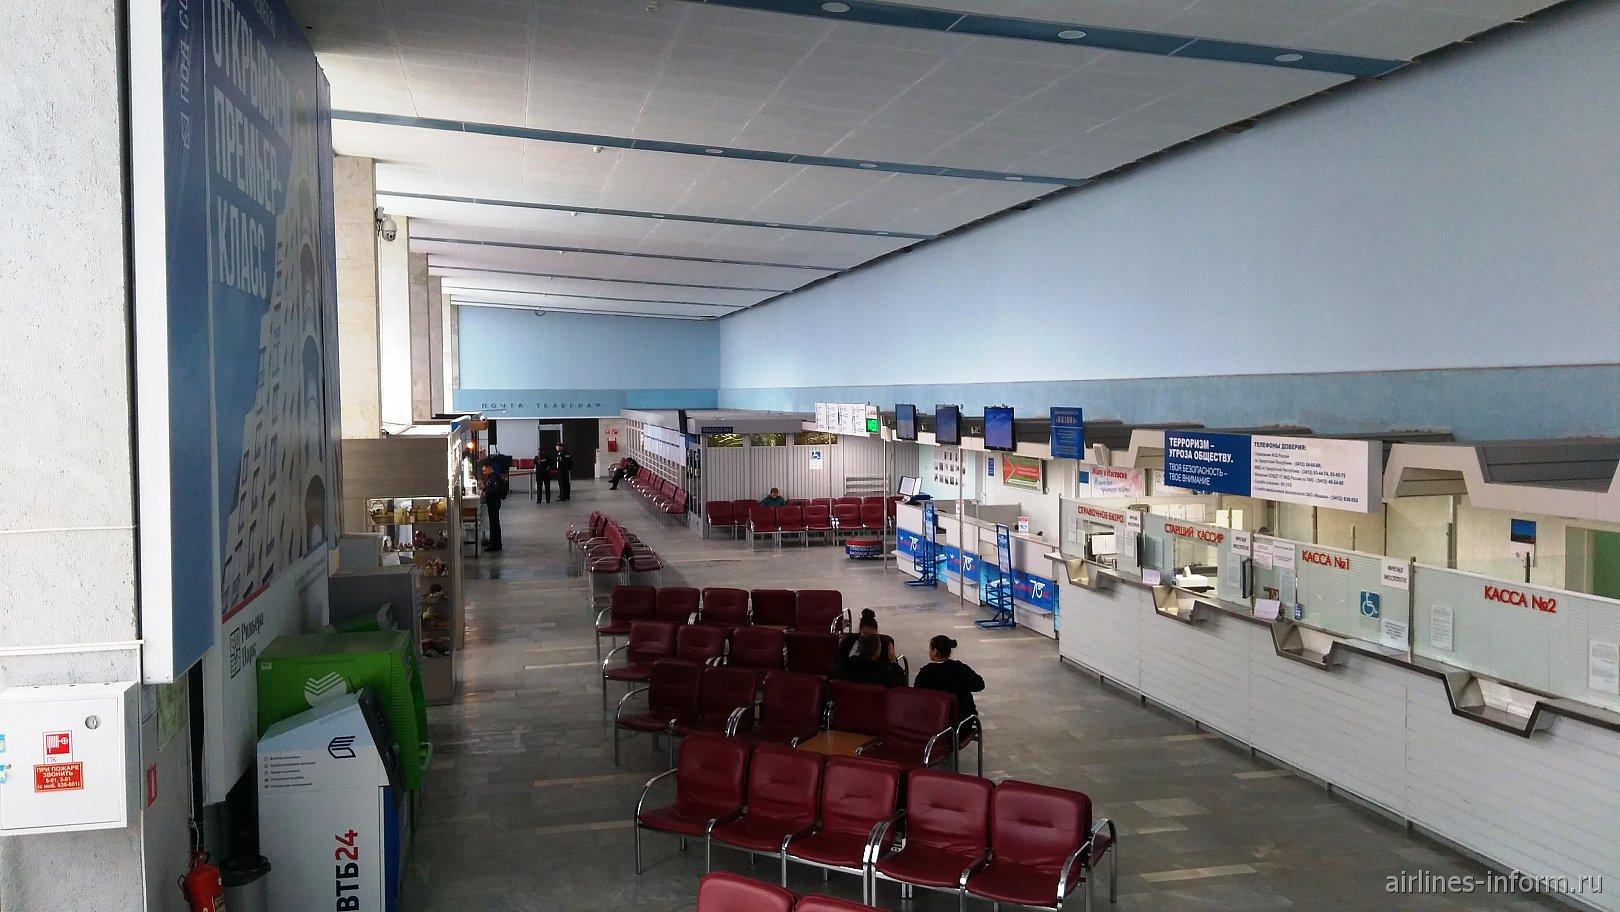 Внутри аэровокзала аэропорта Ижевск